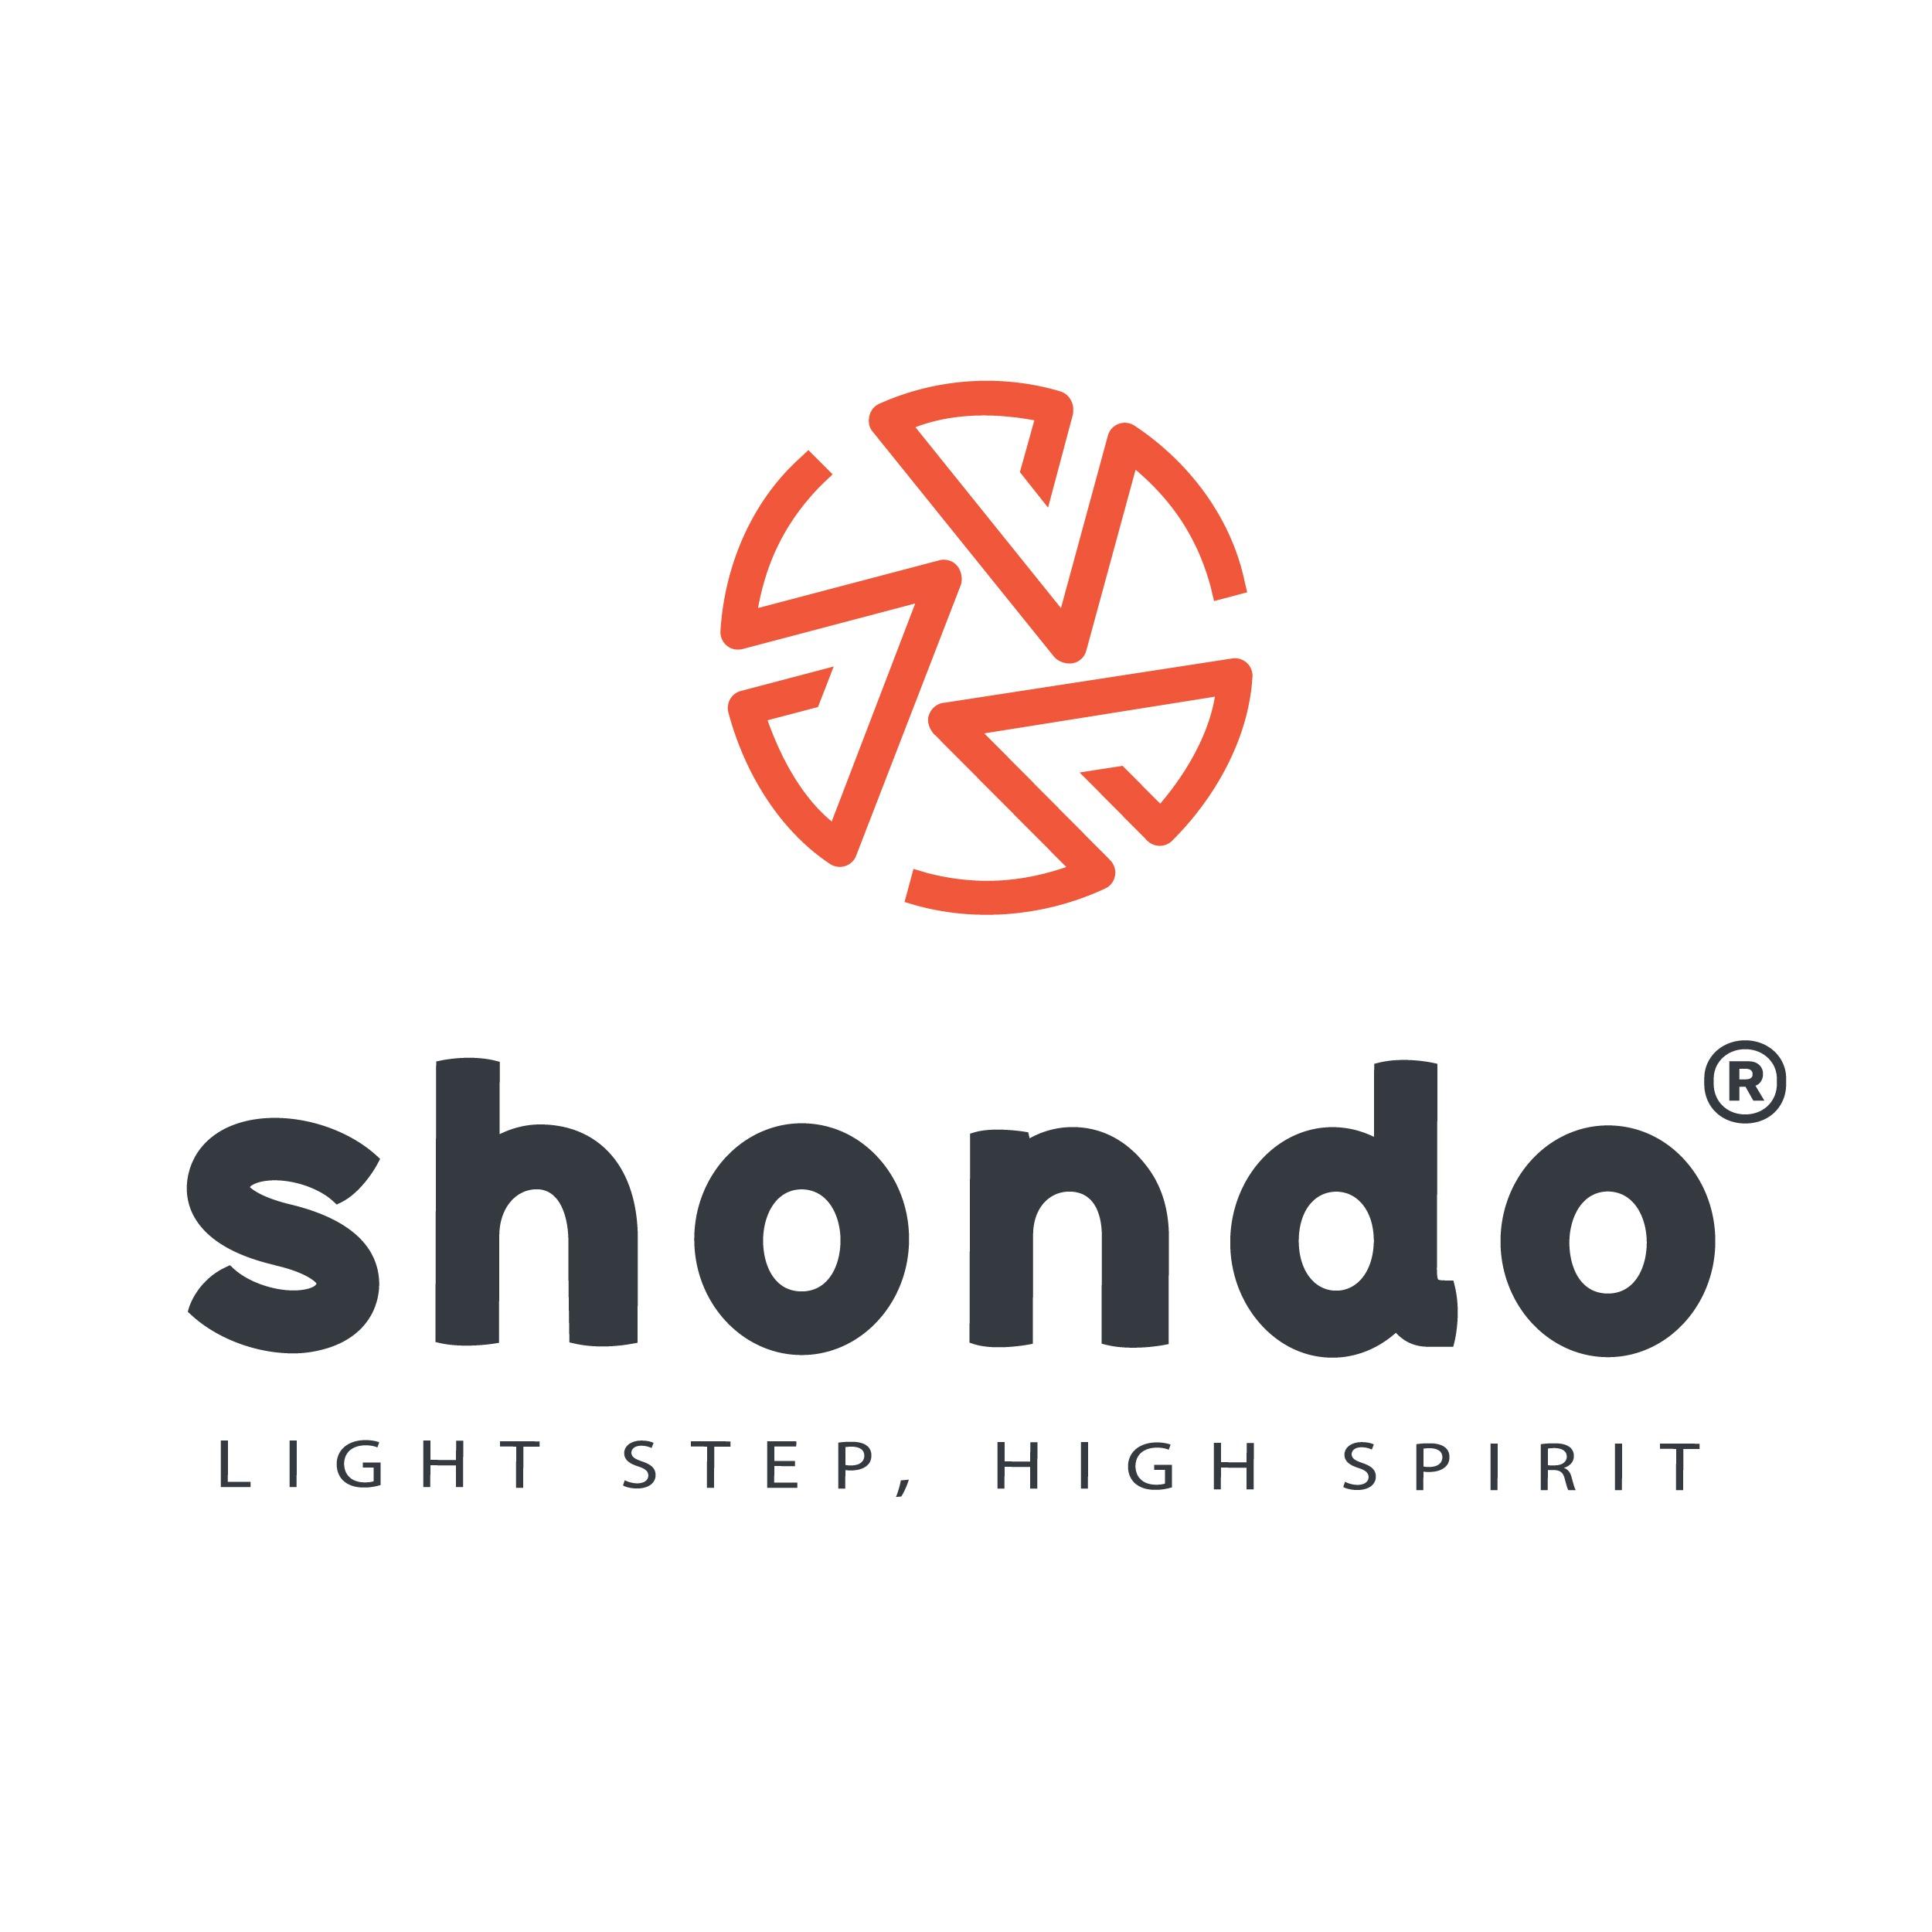 Shondo